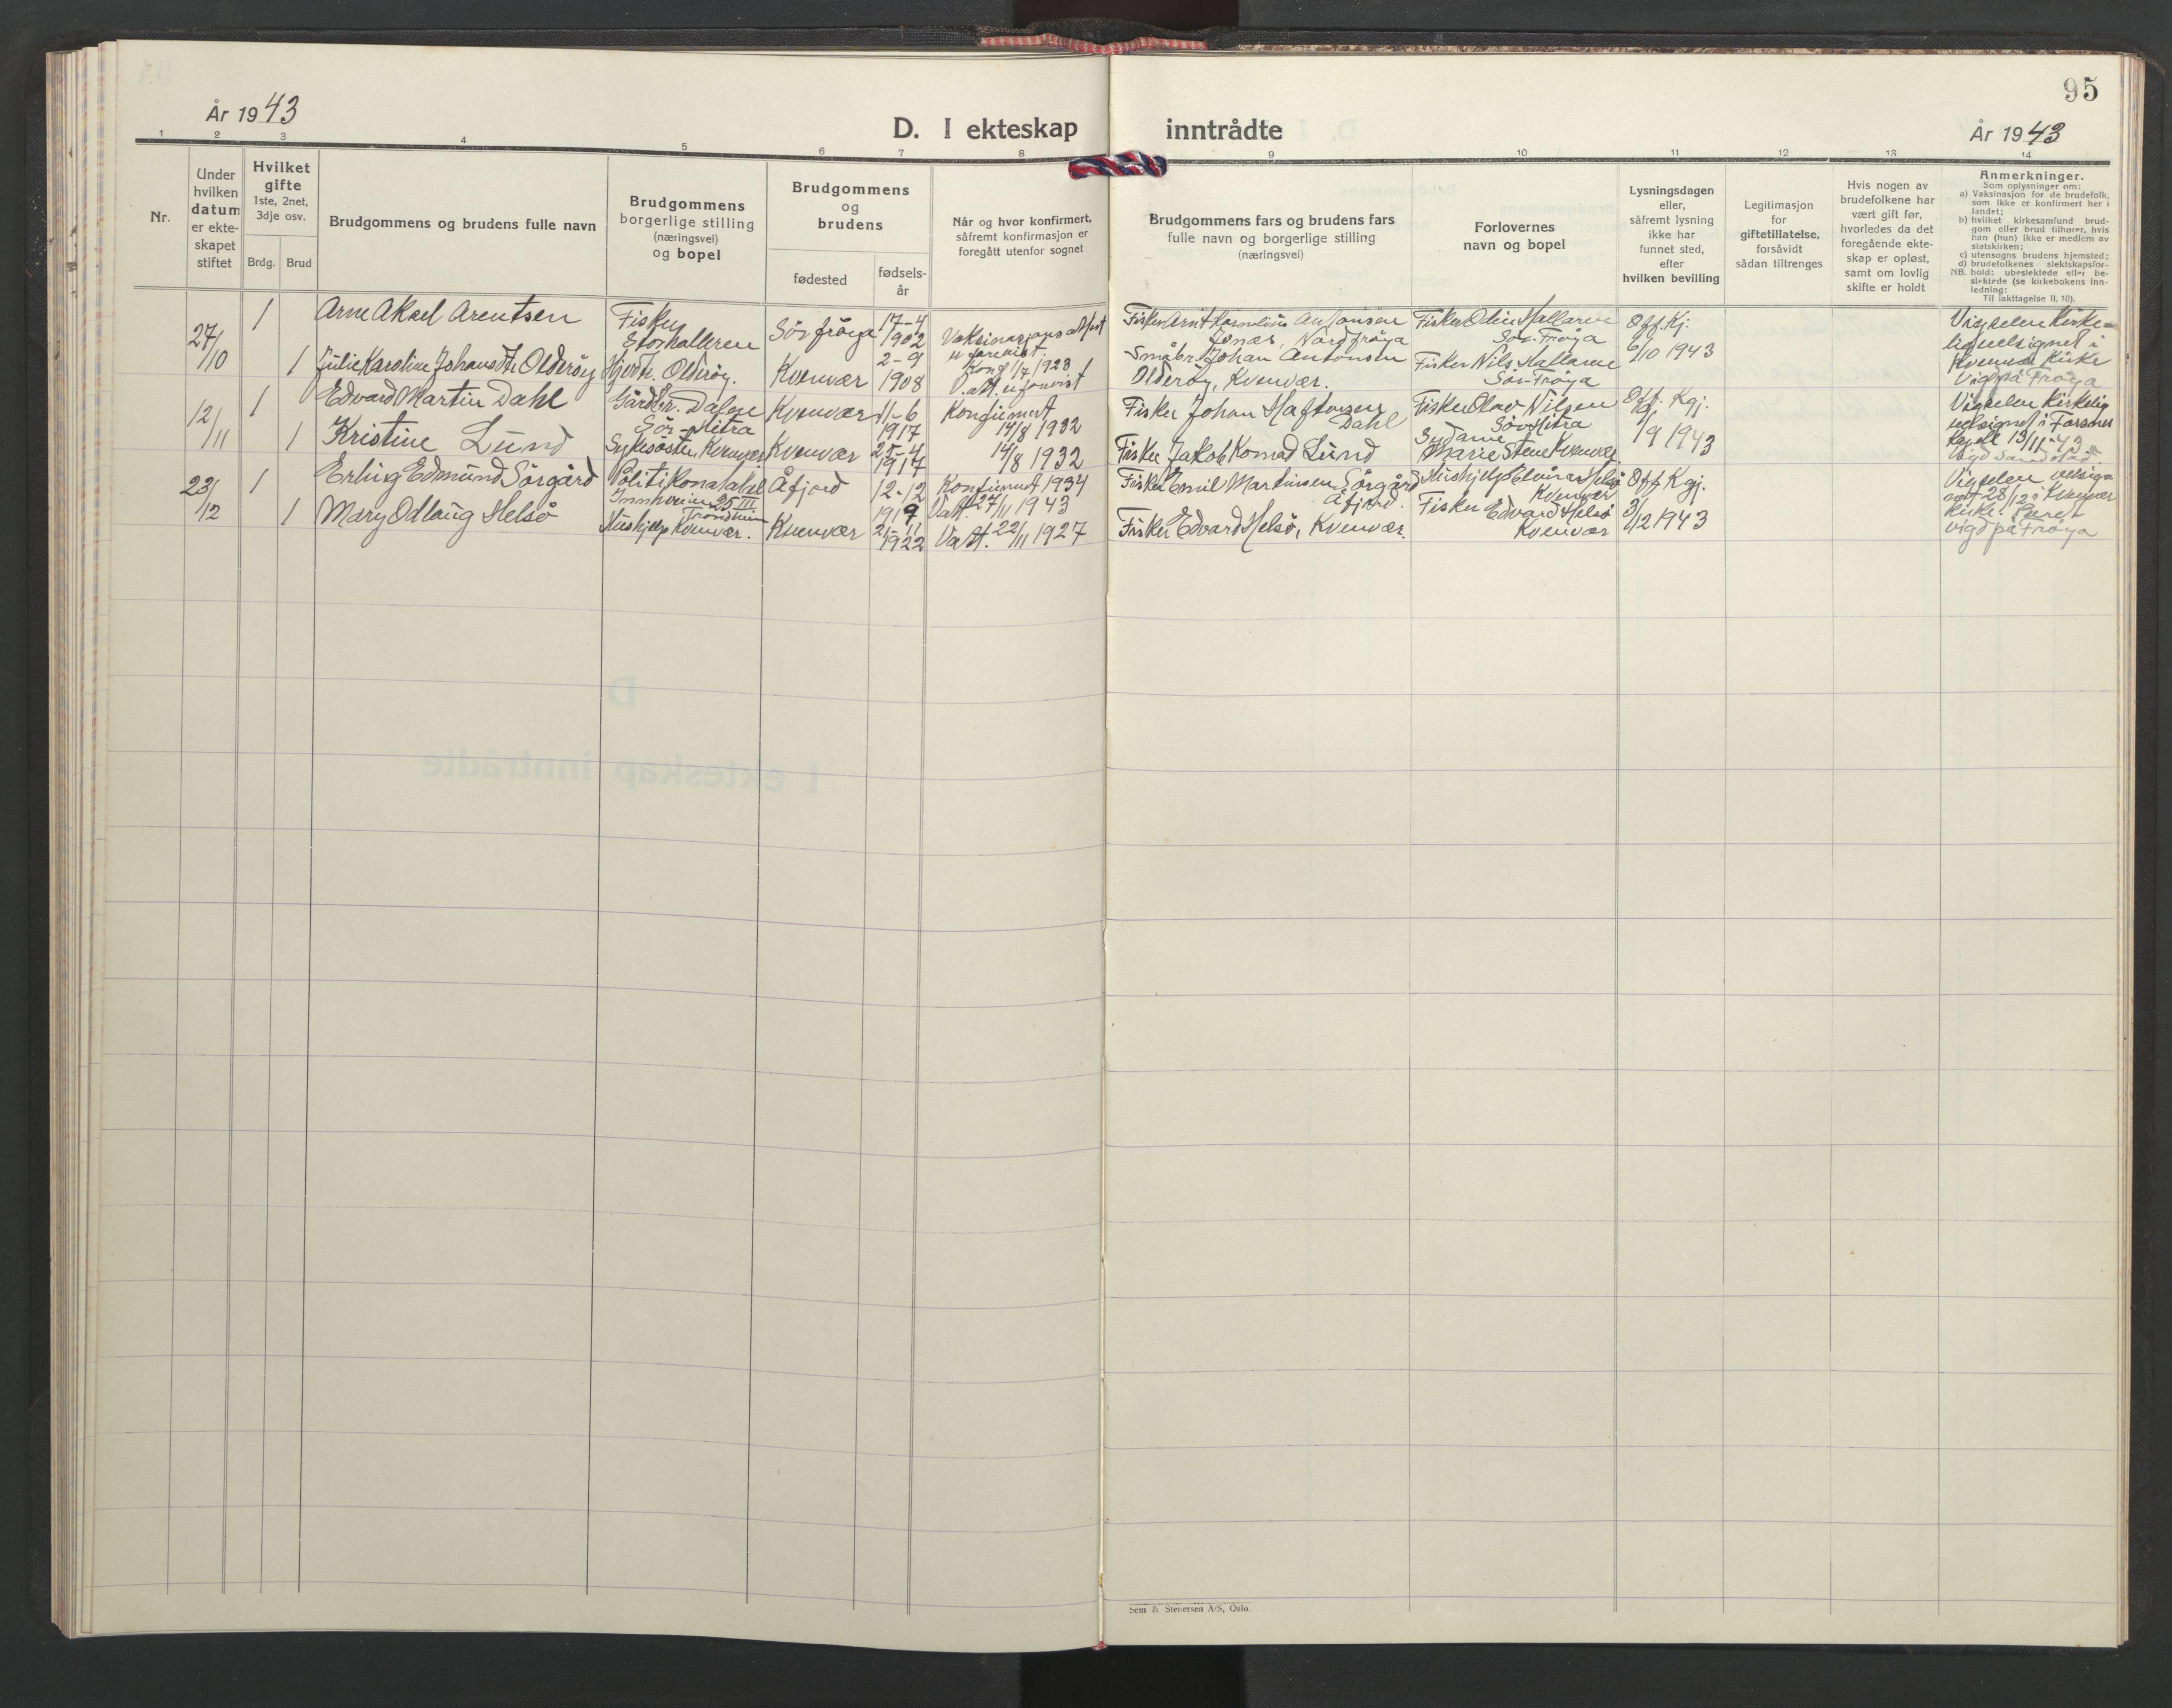 SAT, Ministerialprotokoller, klokkerbøker og fødselsregistre - Sør-Trøndelag, 635/L0556: Klokkerbok nr. 635C04, 1943-1945, s. 95